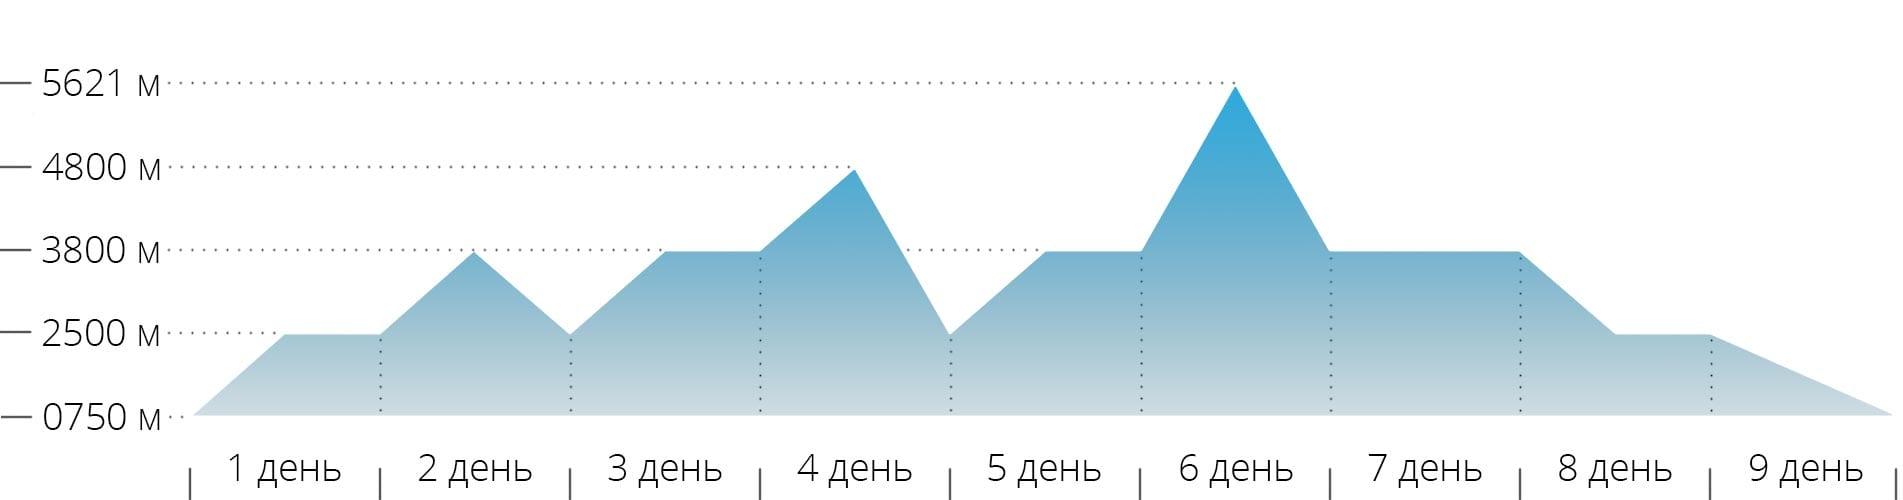 Акклиматизационный график восхождения на гору Эльбрус с севера на восточную вершину